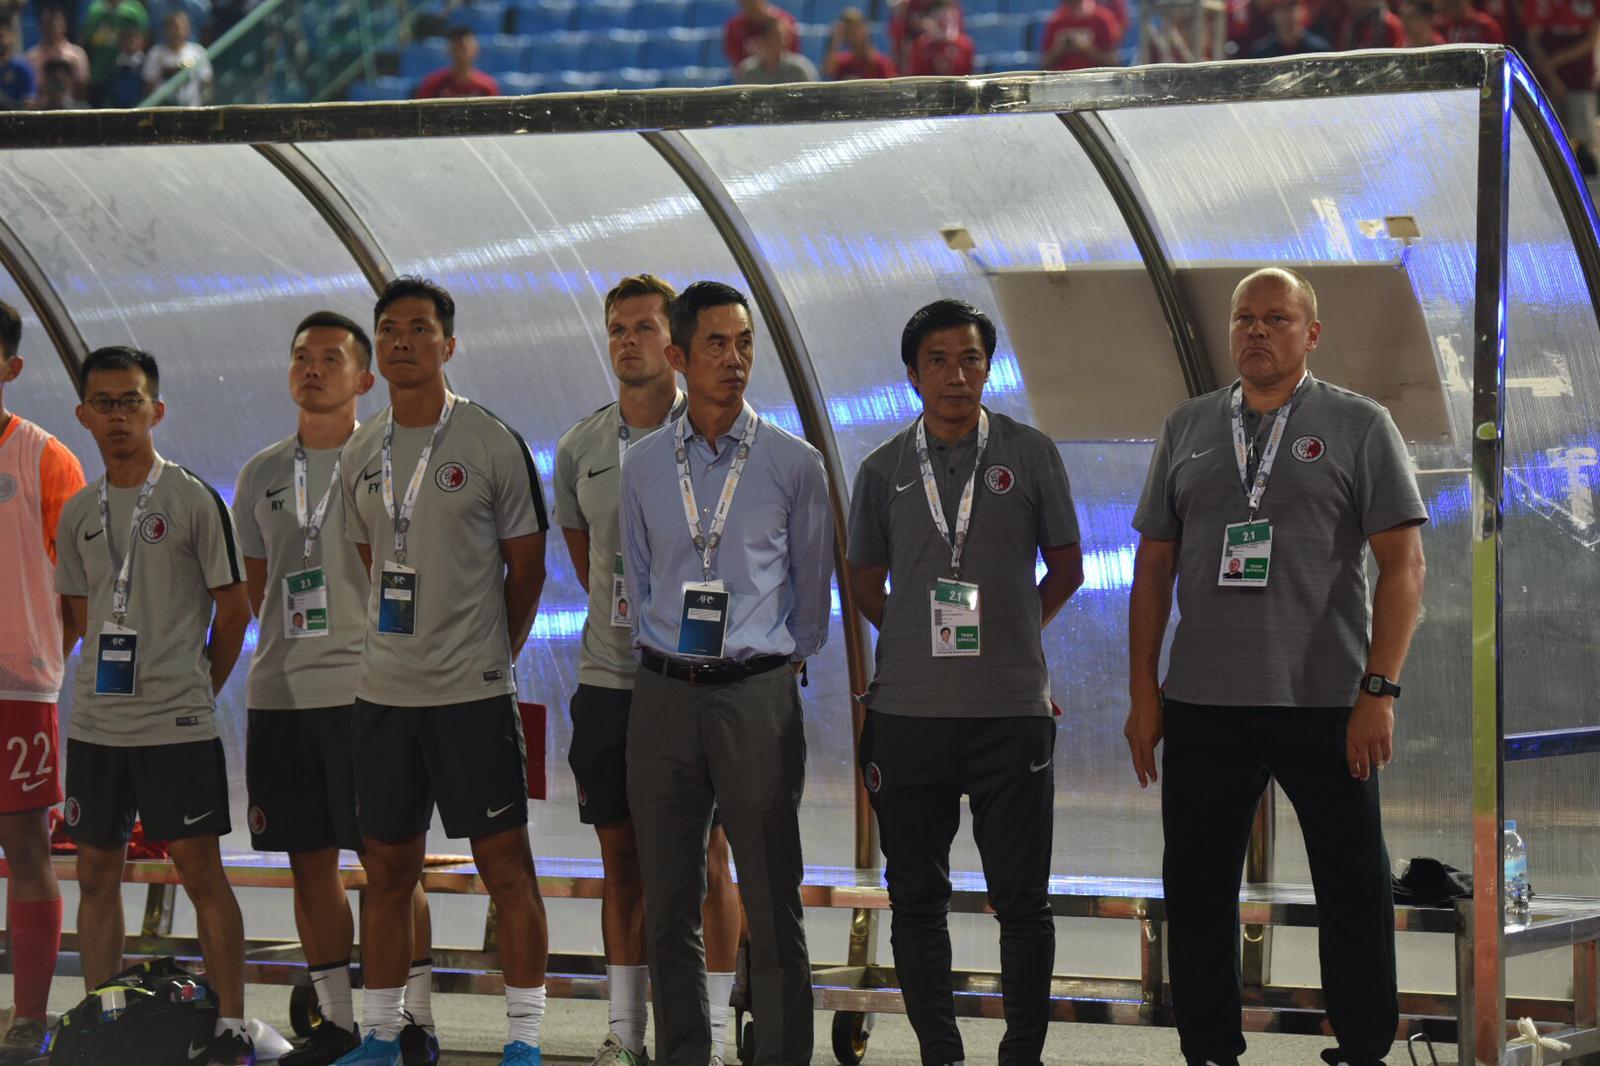 港隊主帥麥柏倫(右一)仍未取得上任後首勝。相片由足總提供